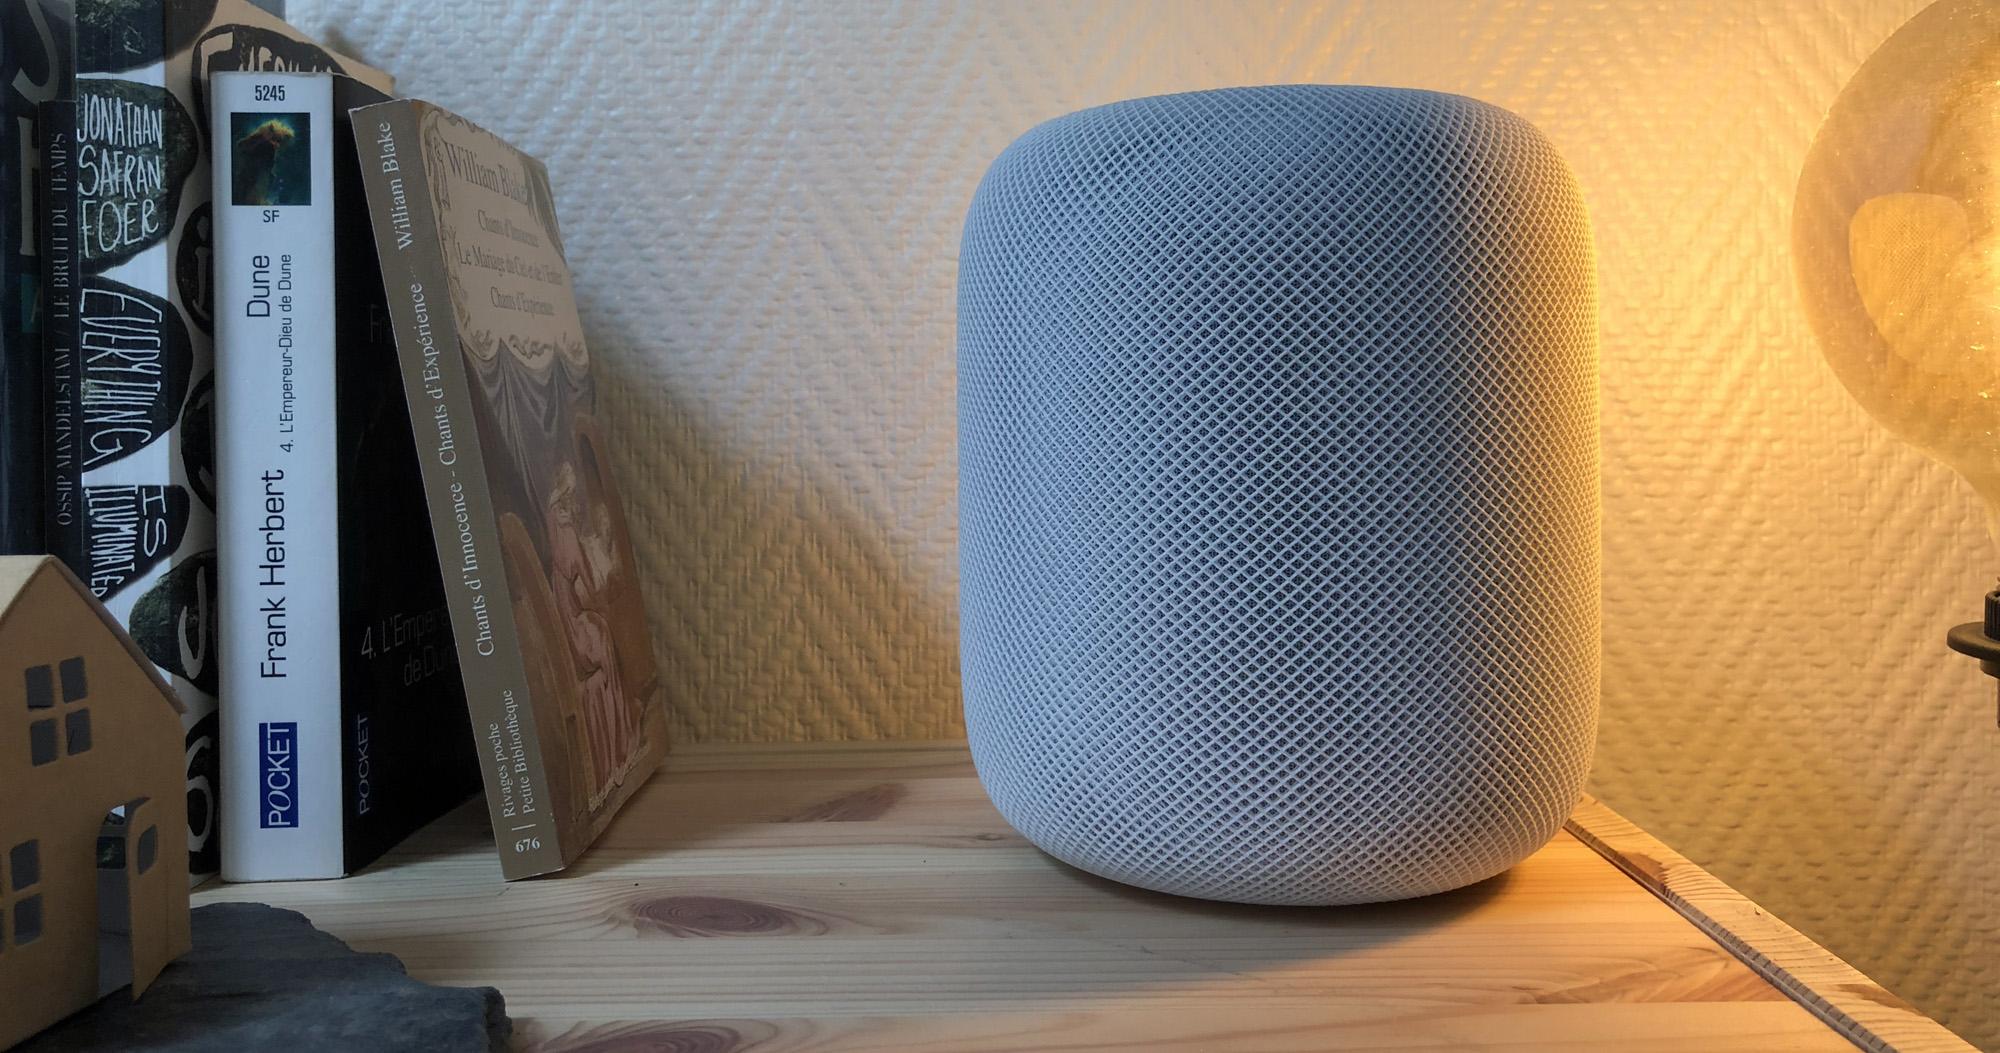 Apple Homepod : iOS 12 va permettre de passer des appels avec l'enceinte connectée